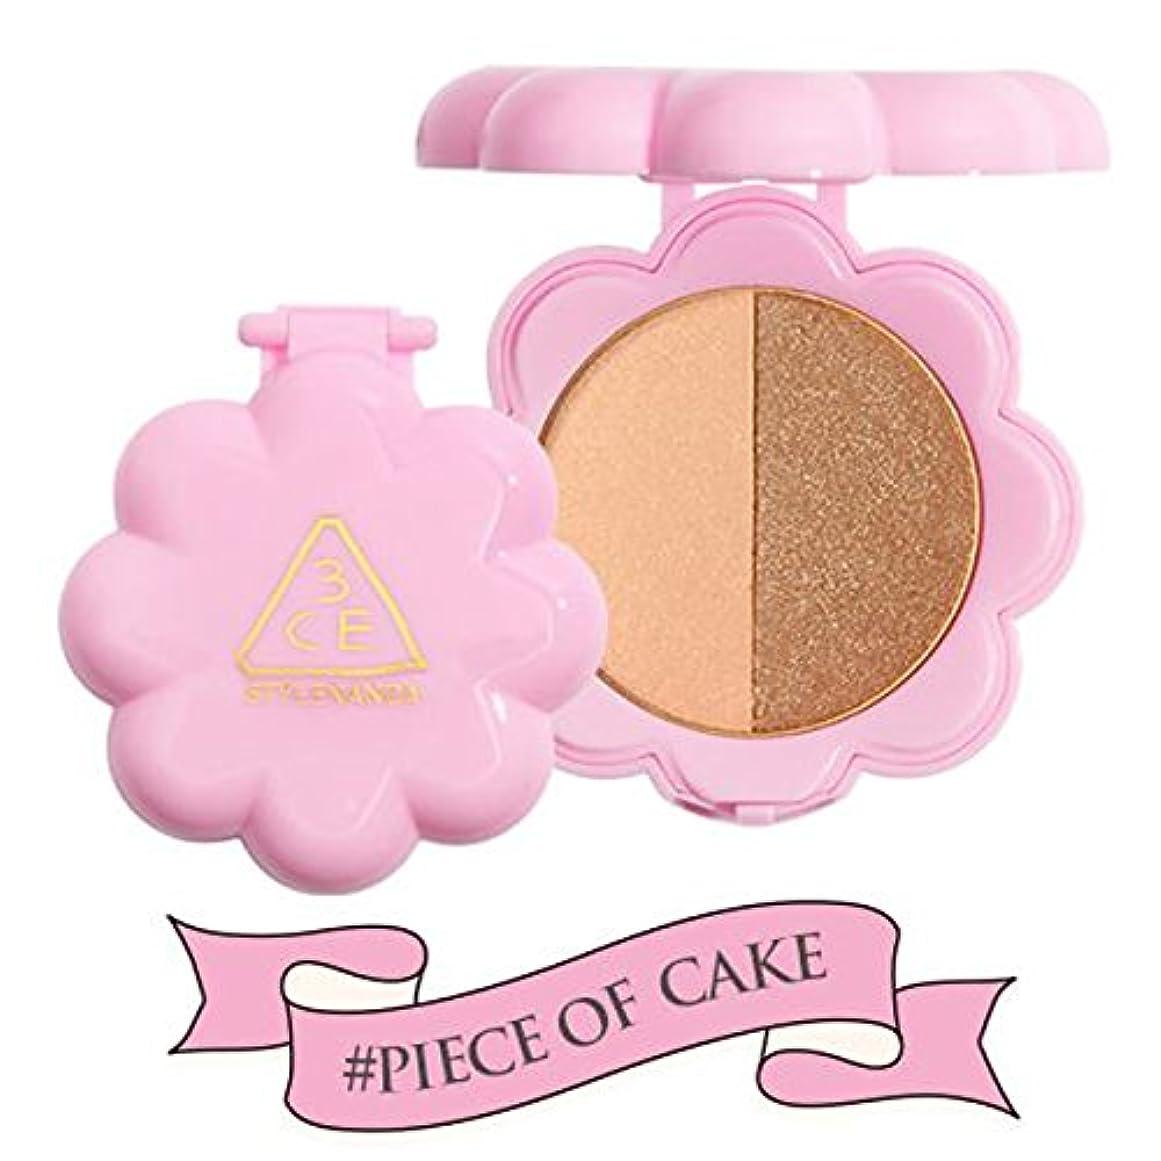 一流心理学近傍3CE スリーコンセプトアイズ LOVE デュオ シャドウ 3.2g PIECE OF CAKE (在庫) [並行輸入品]